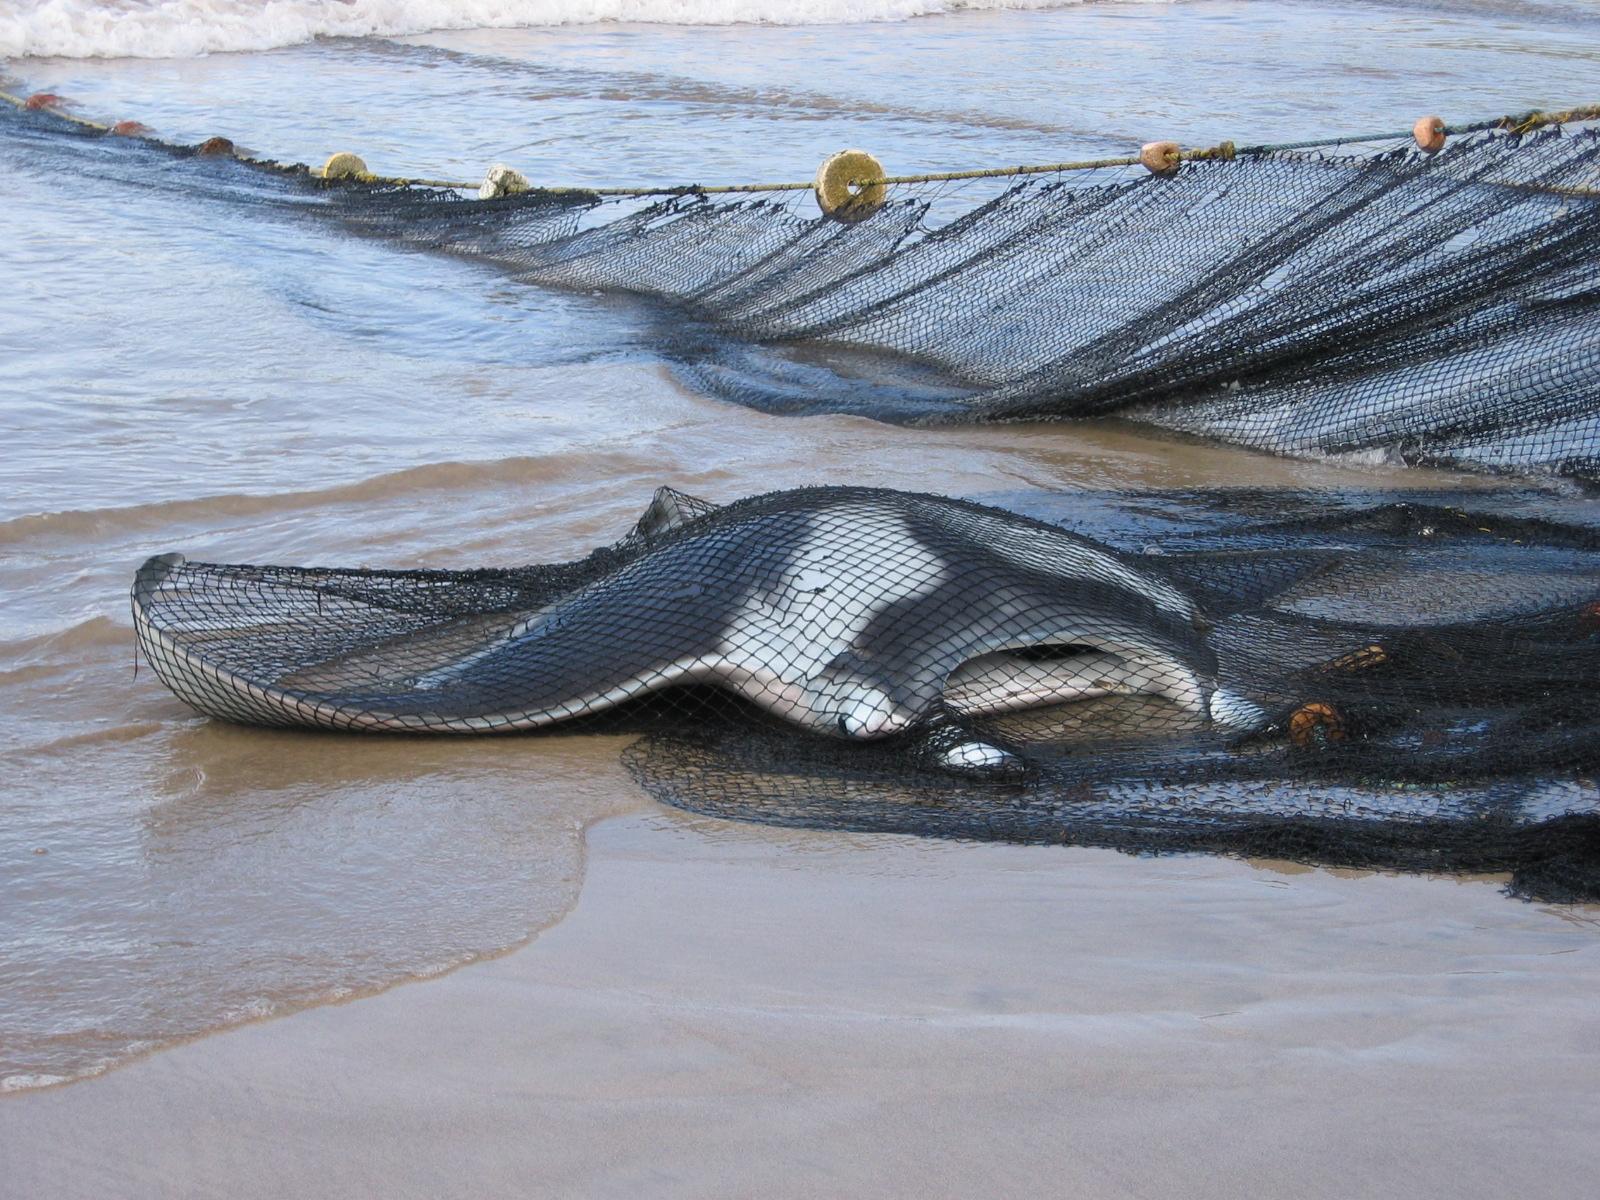 A manta killed in nets in Grenada, Caribbean.